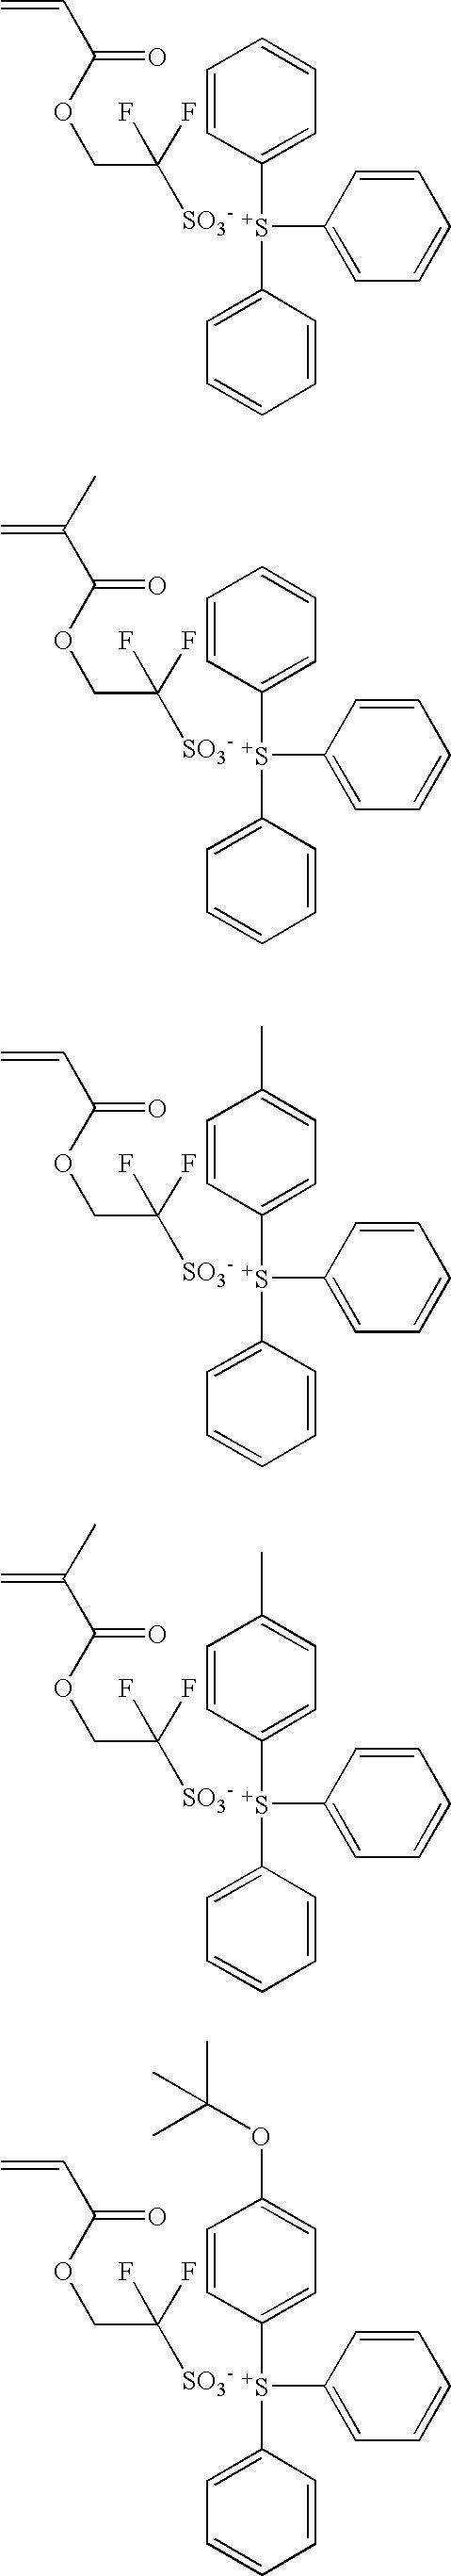 Figure US08062828-20111122-C00011